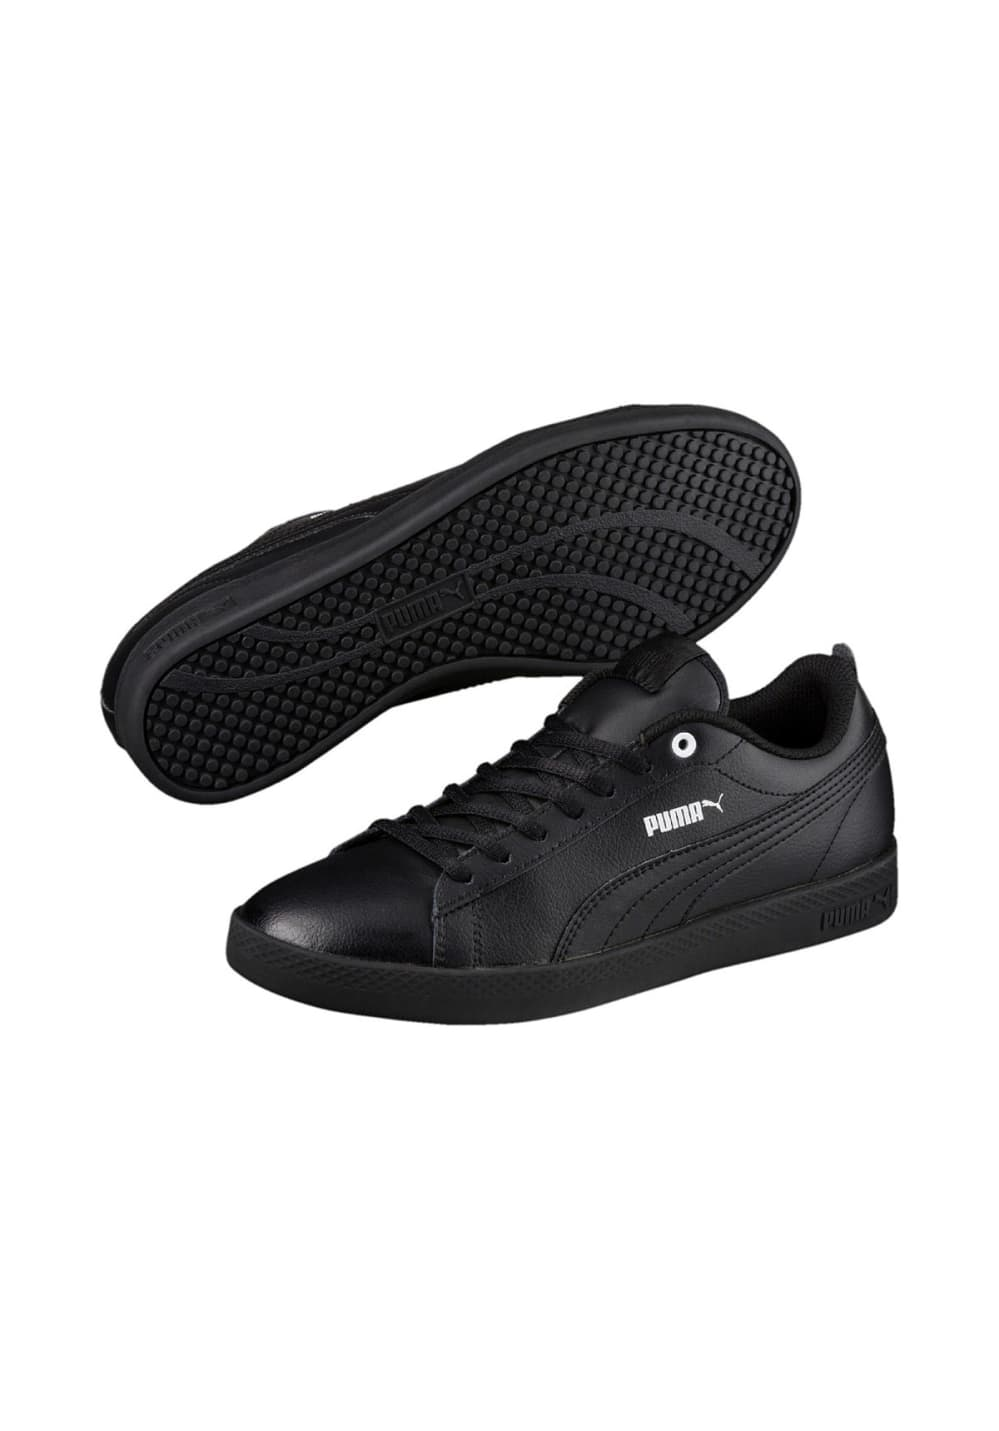 818845233bd3b7 Puma Smash V2 L - Sneaker für Damen - Schwarz auf Rechnung kaufen